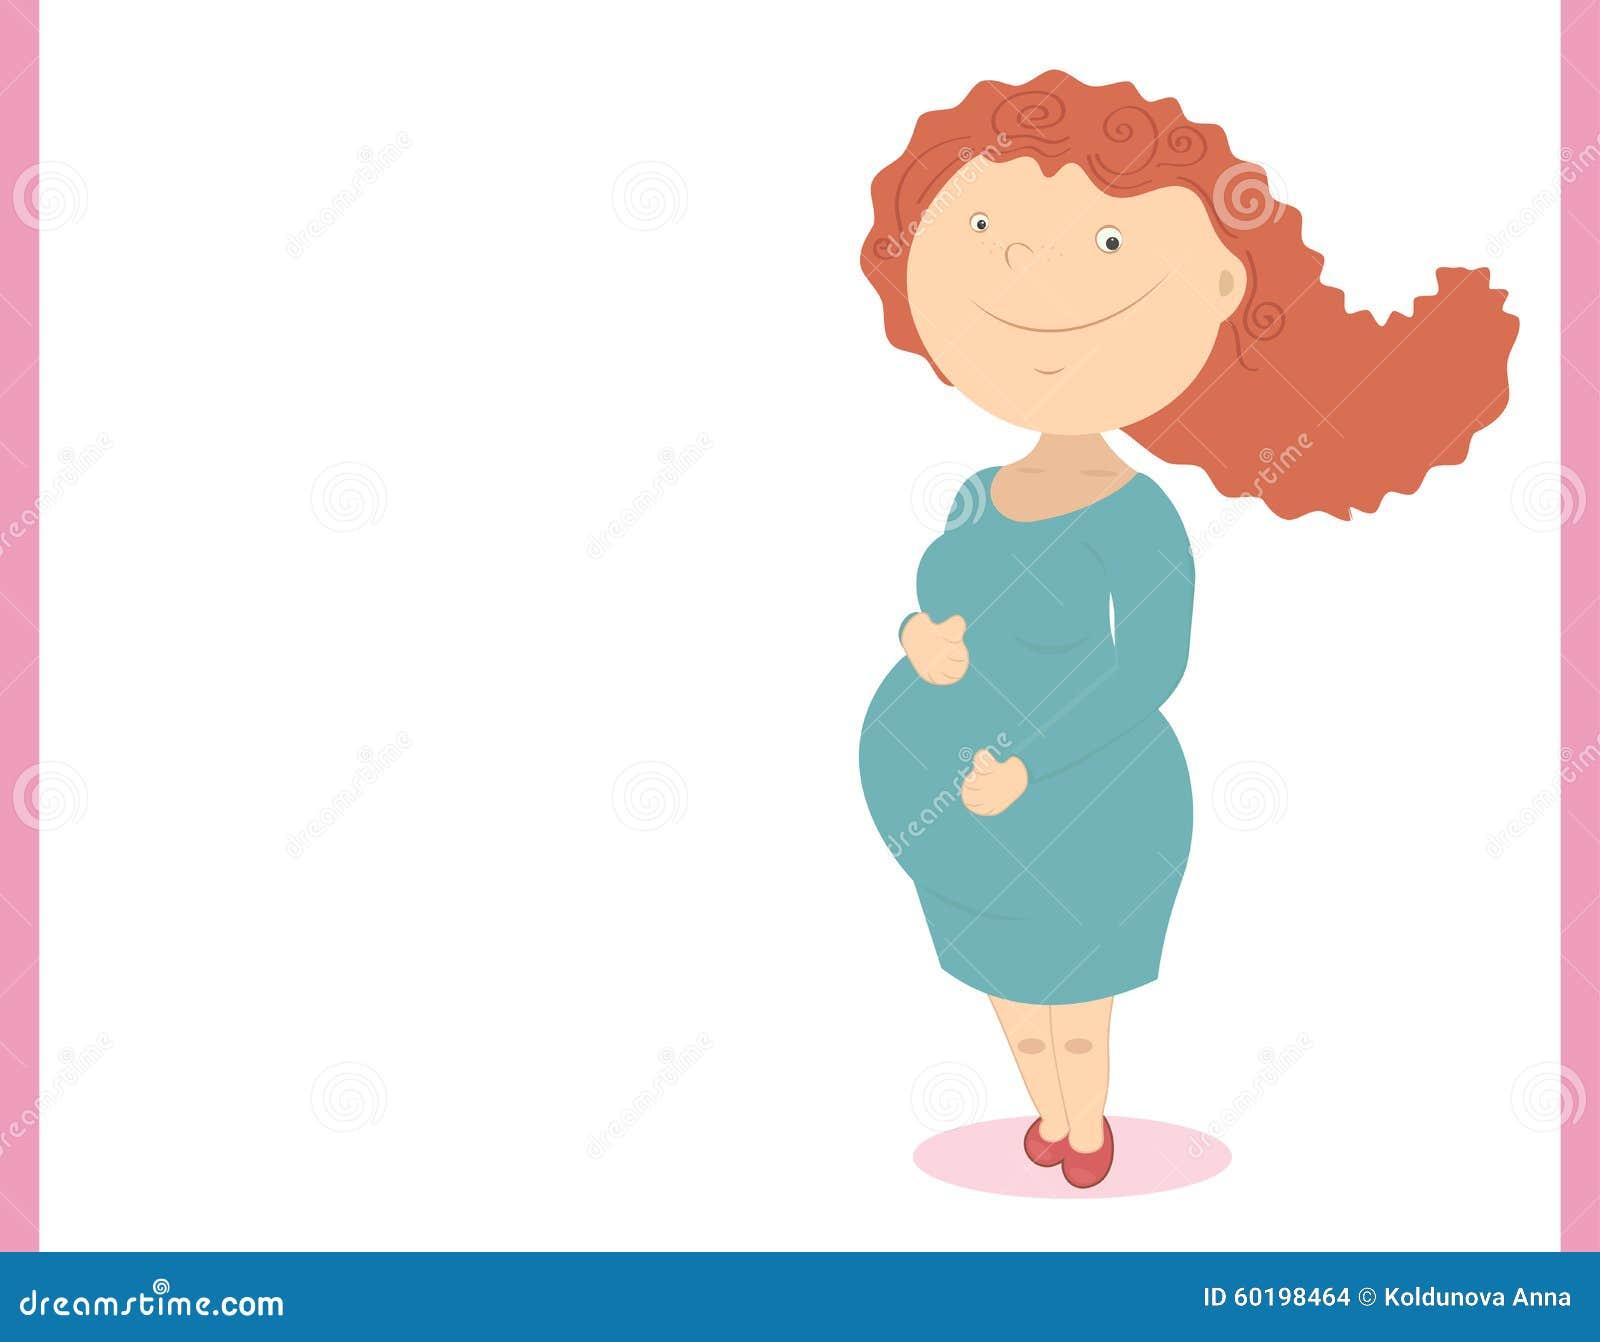 Schwangerschaftsdiät im dritten Trimester